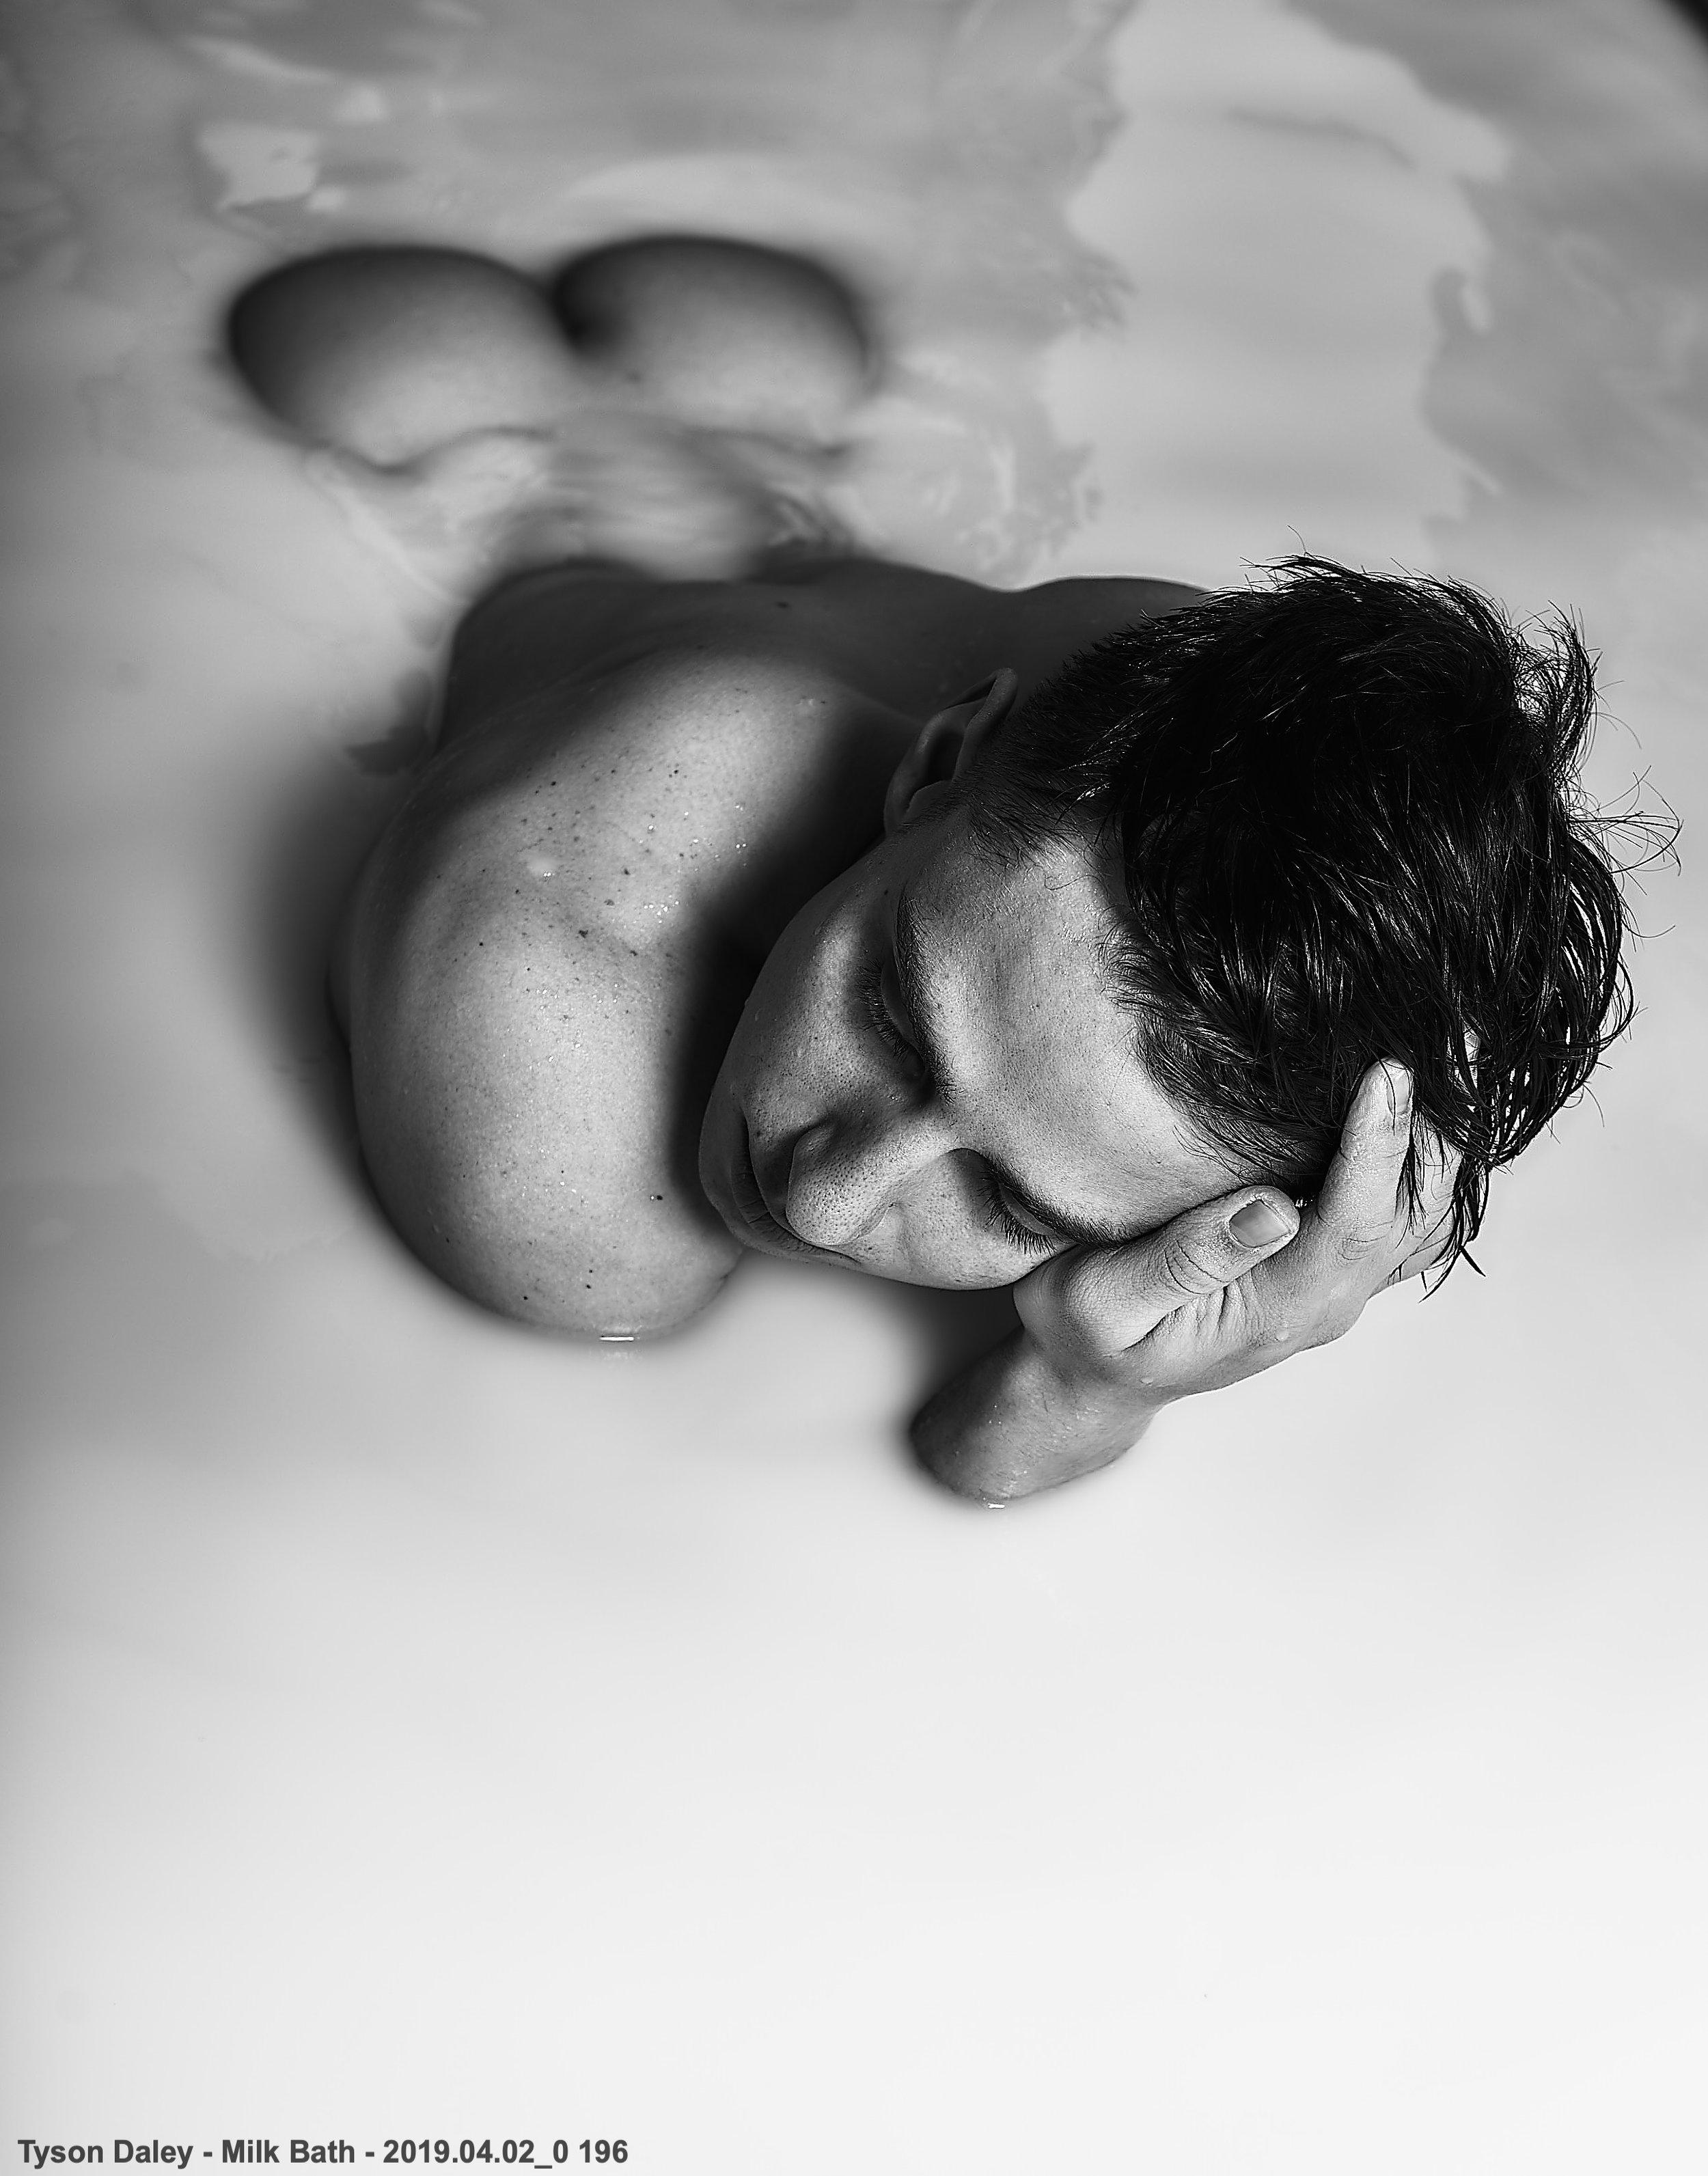 Tyson Daley - Milk Bath - 2019.04.02_0 196.jpg